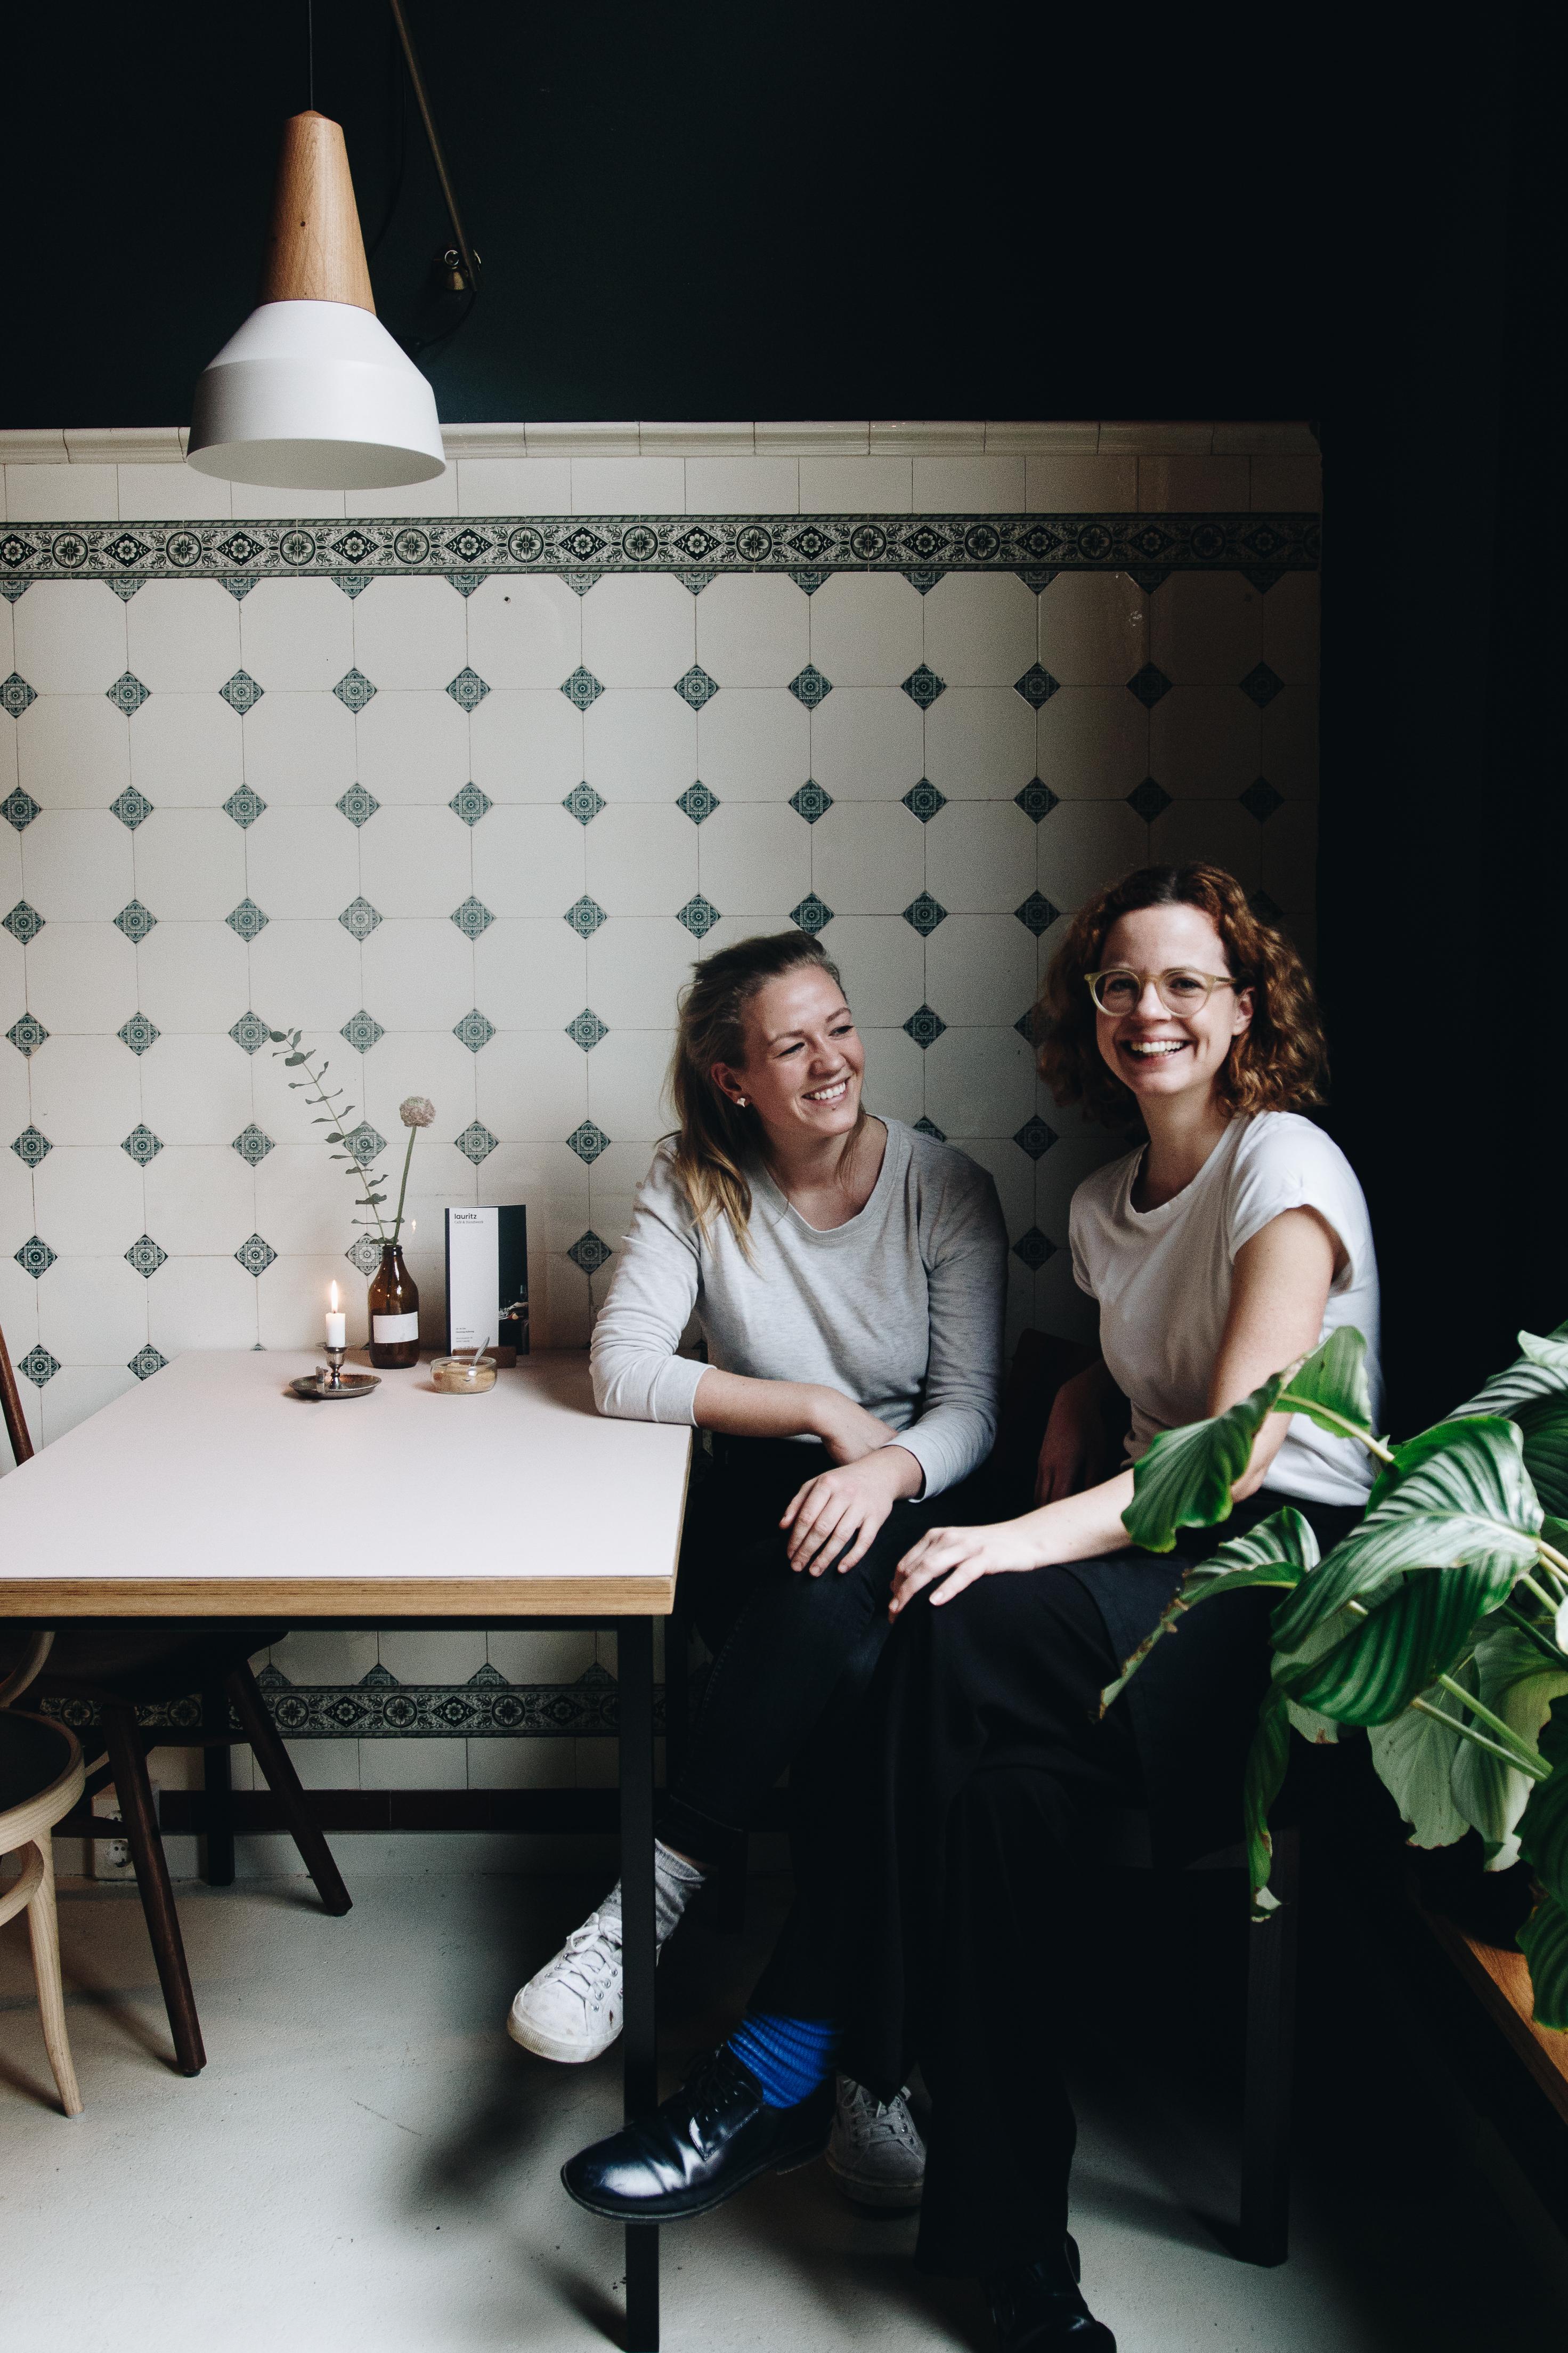 lauritz-café-handwerk-leipzig-annabelle sagt32